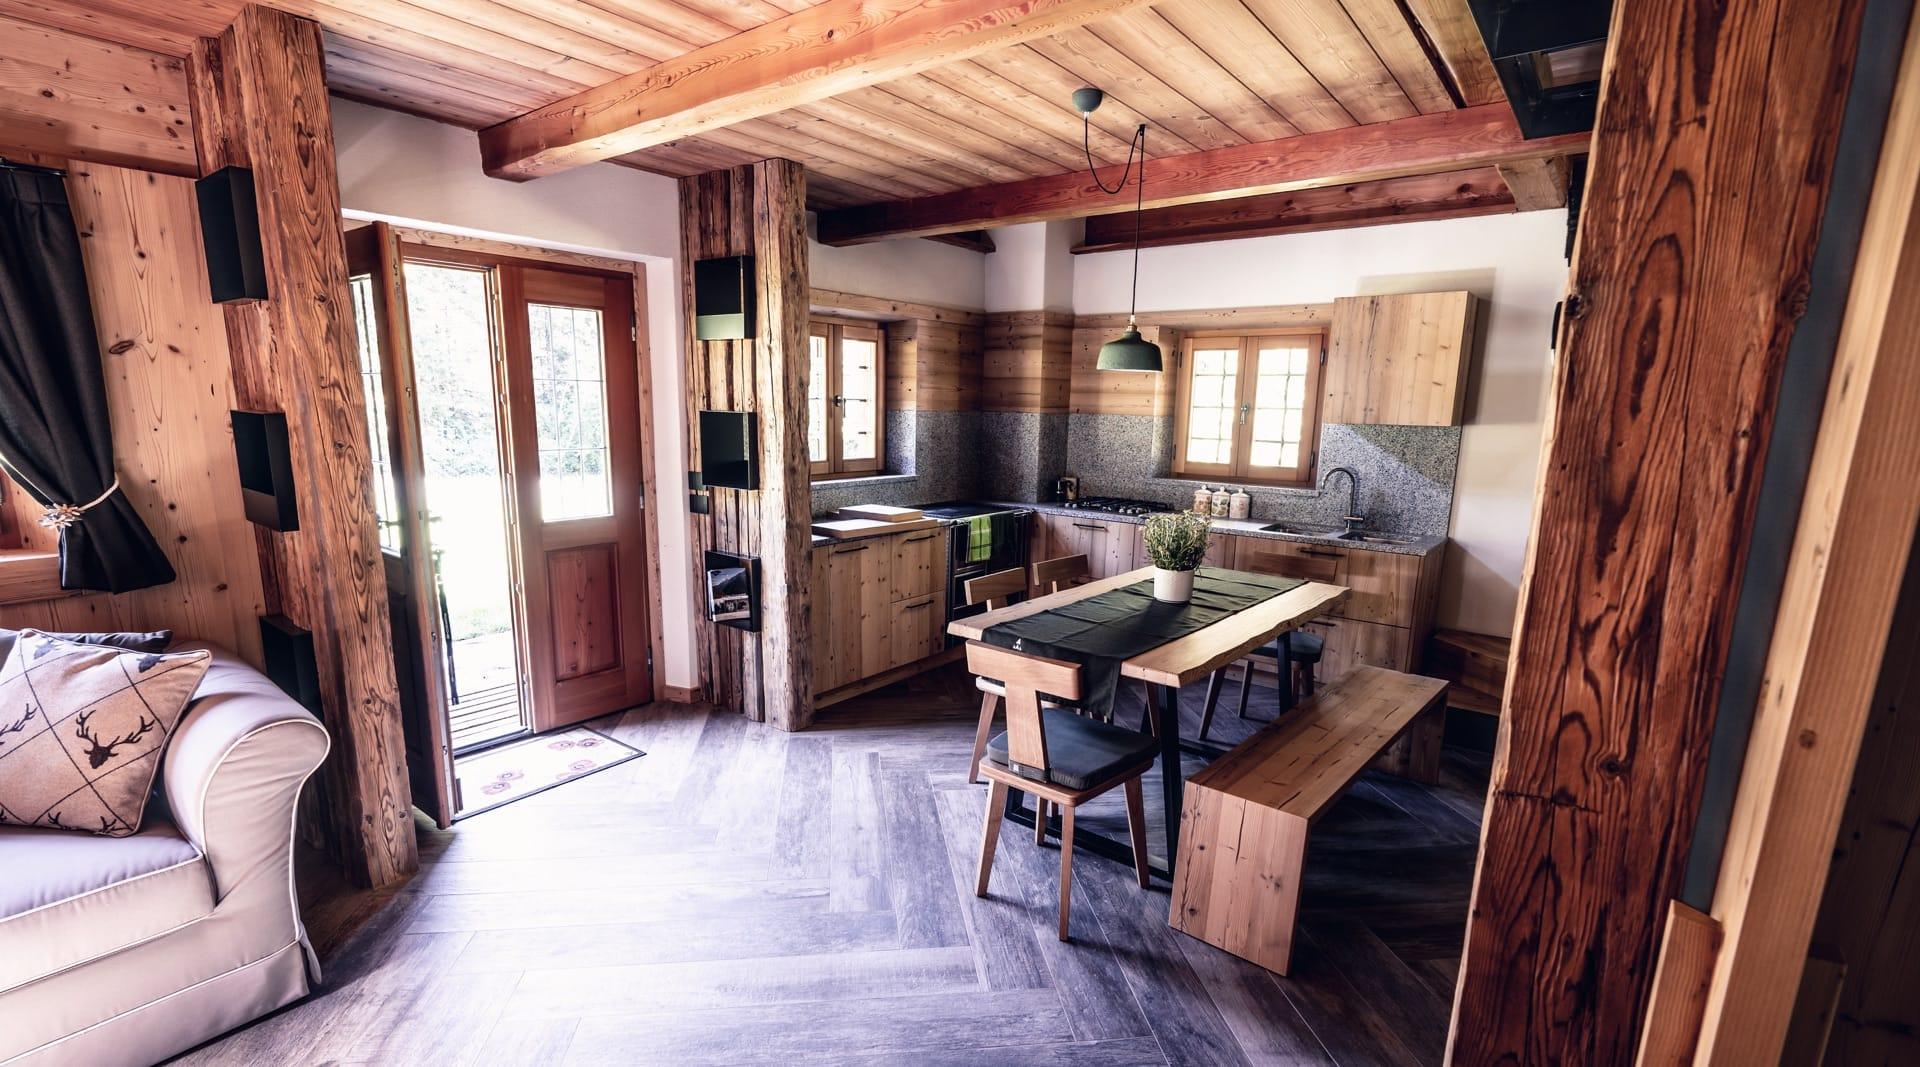 Cucine Per Chalet Di Montagna vacanze in baita nelle dolomiti del brenta: baita valon